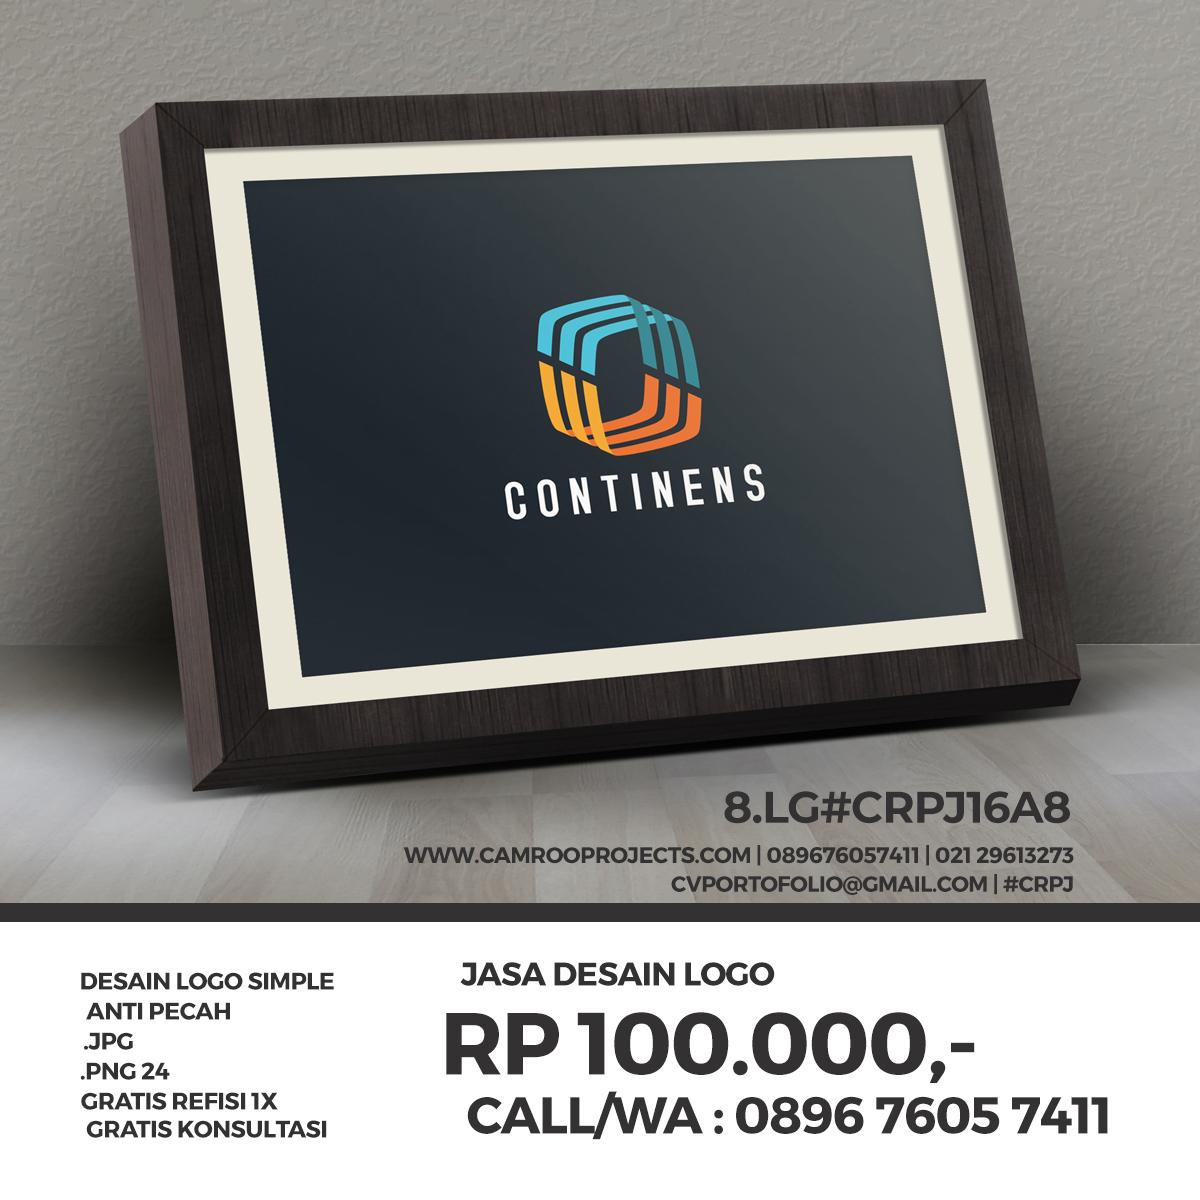 Harga Jasa Desain Grafis professional di Bogor